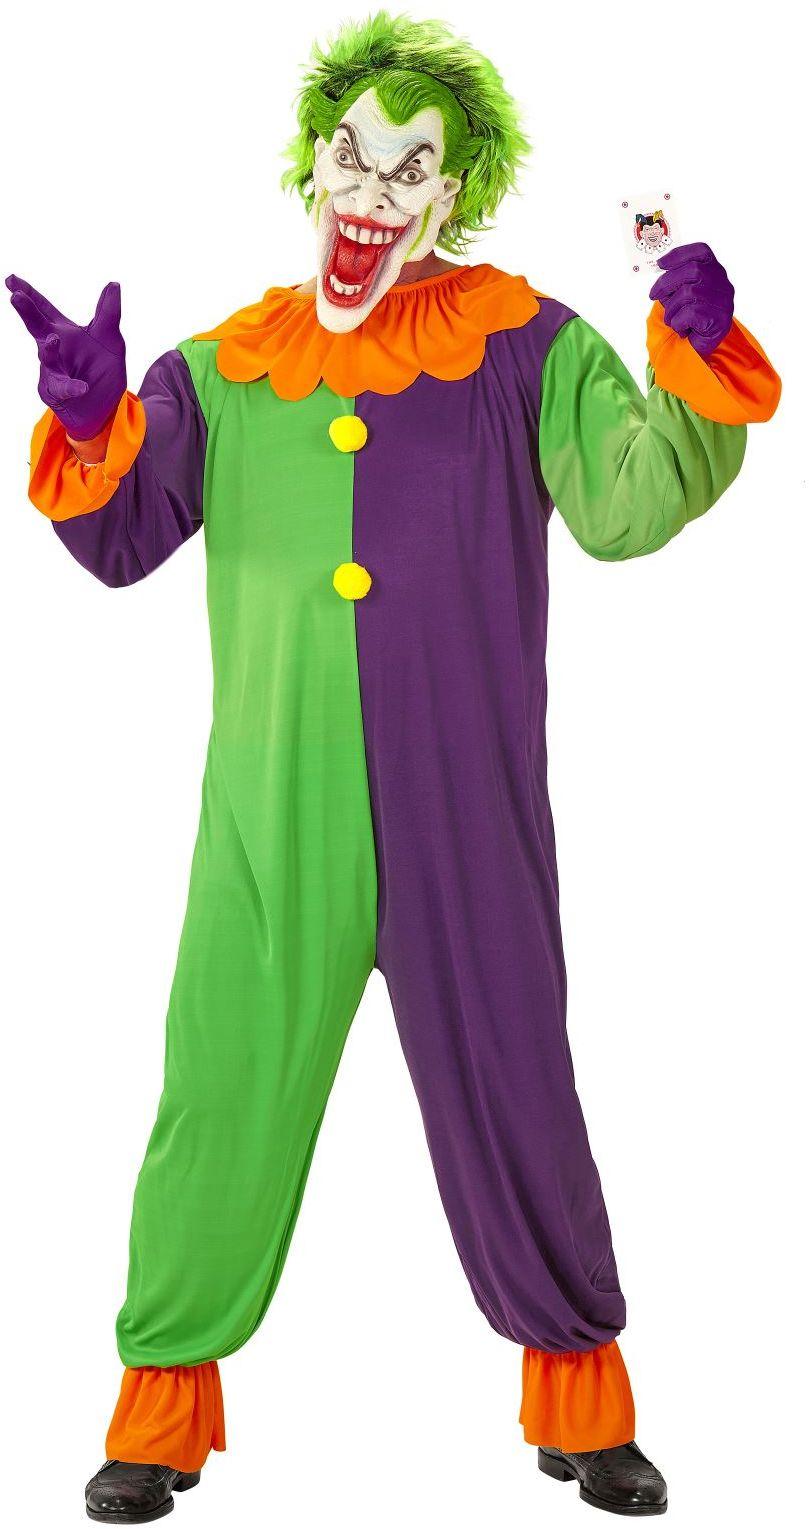 Enge Joker kostuum